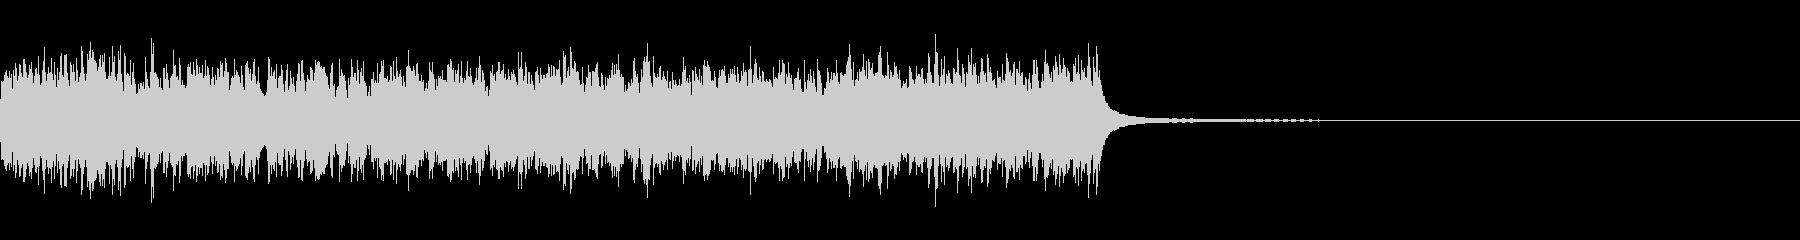 アラームベルリンギングアラーム;ベルの未再生の波形